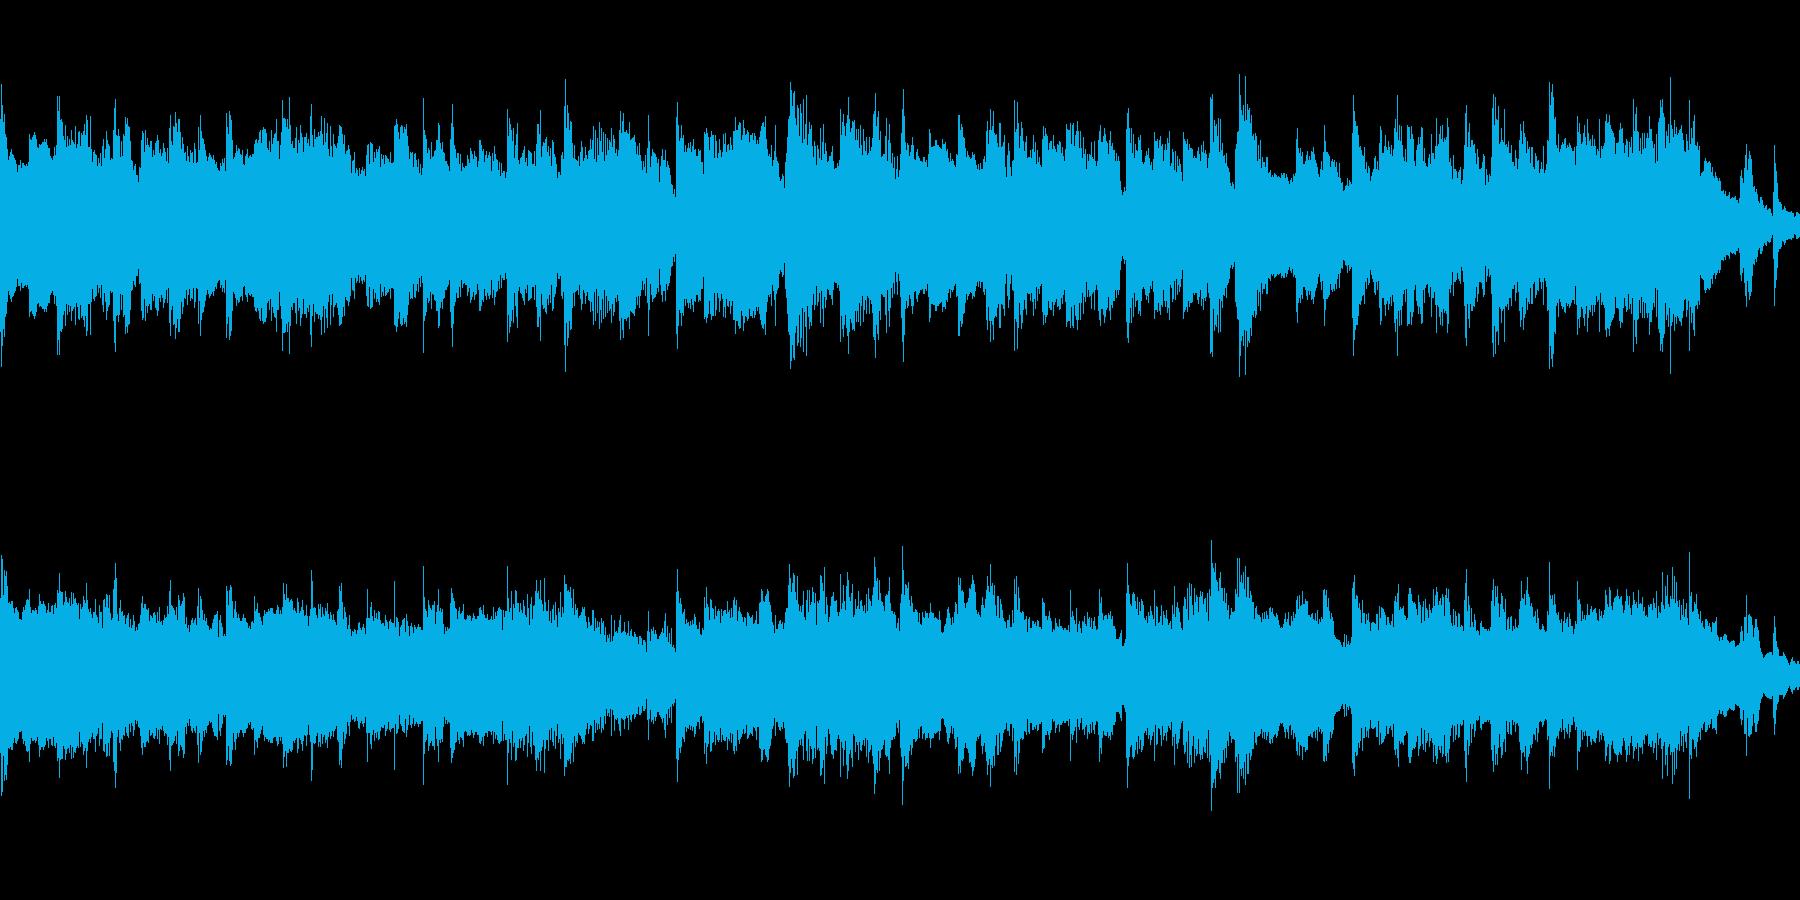 故郷の情景・ループ再生用ショート版の再生済みの波形